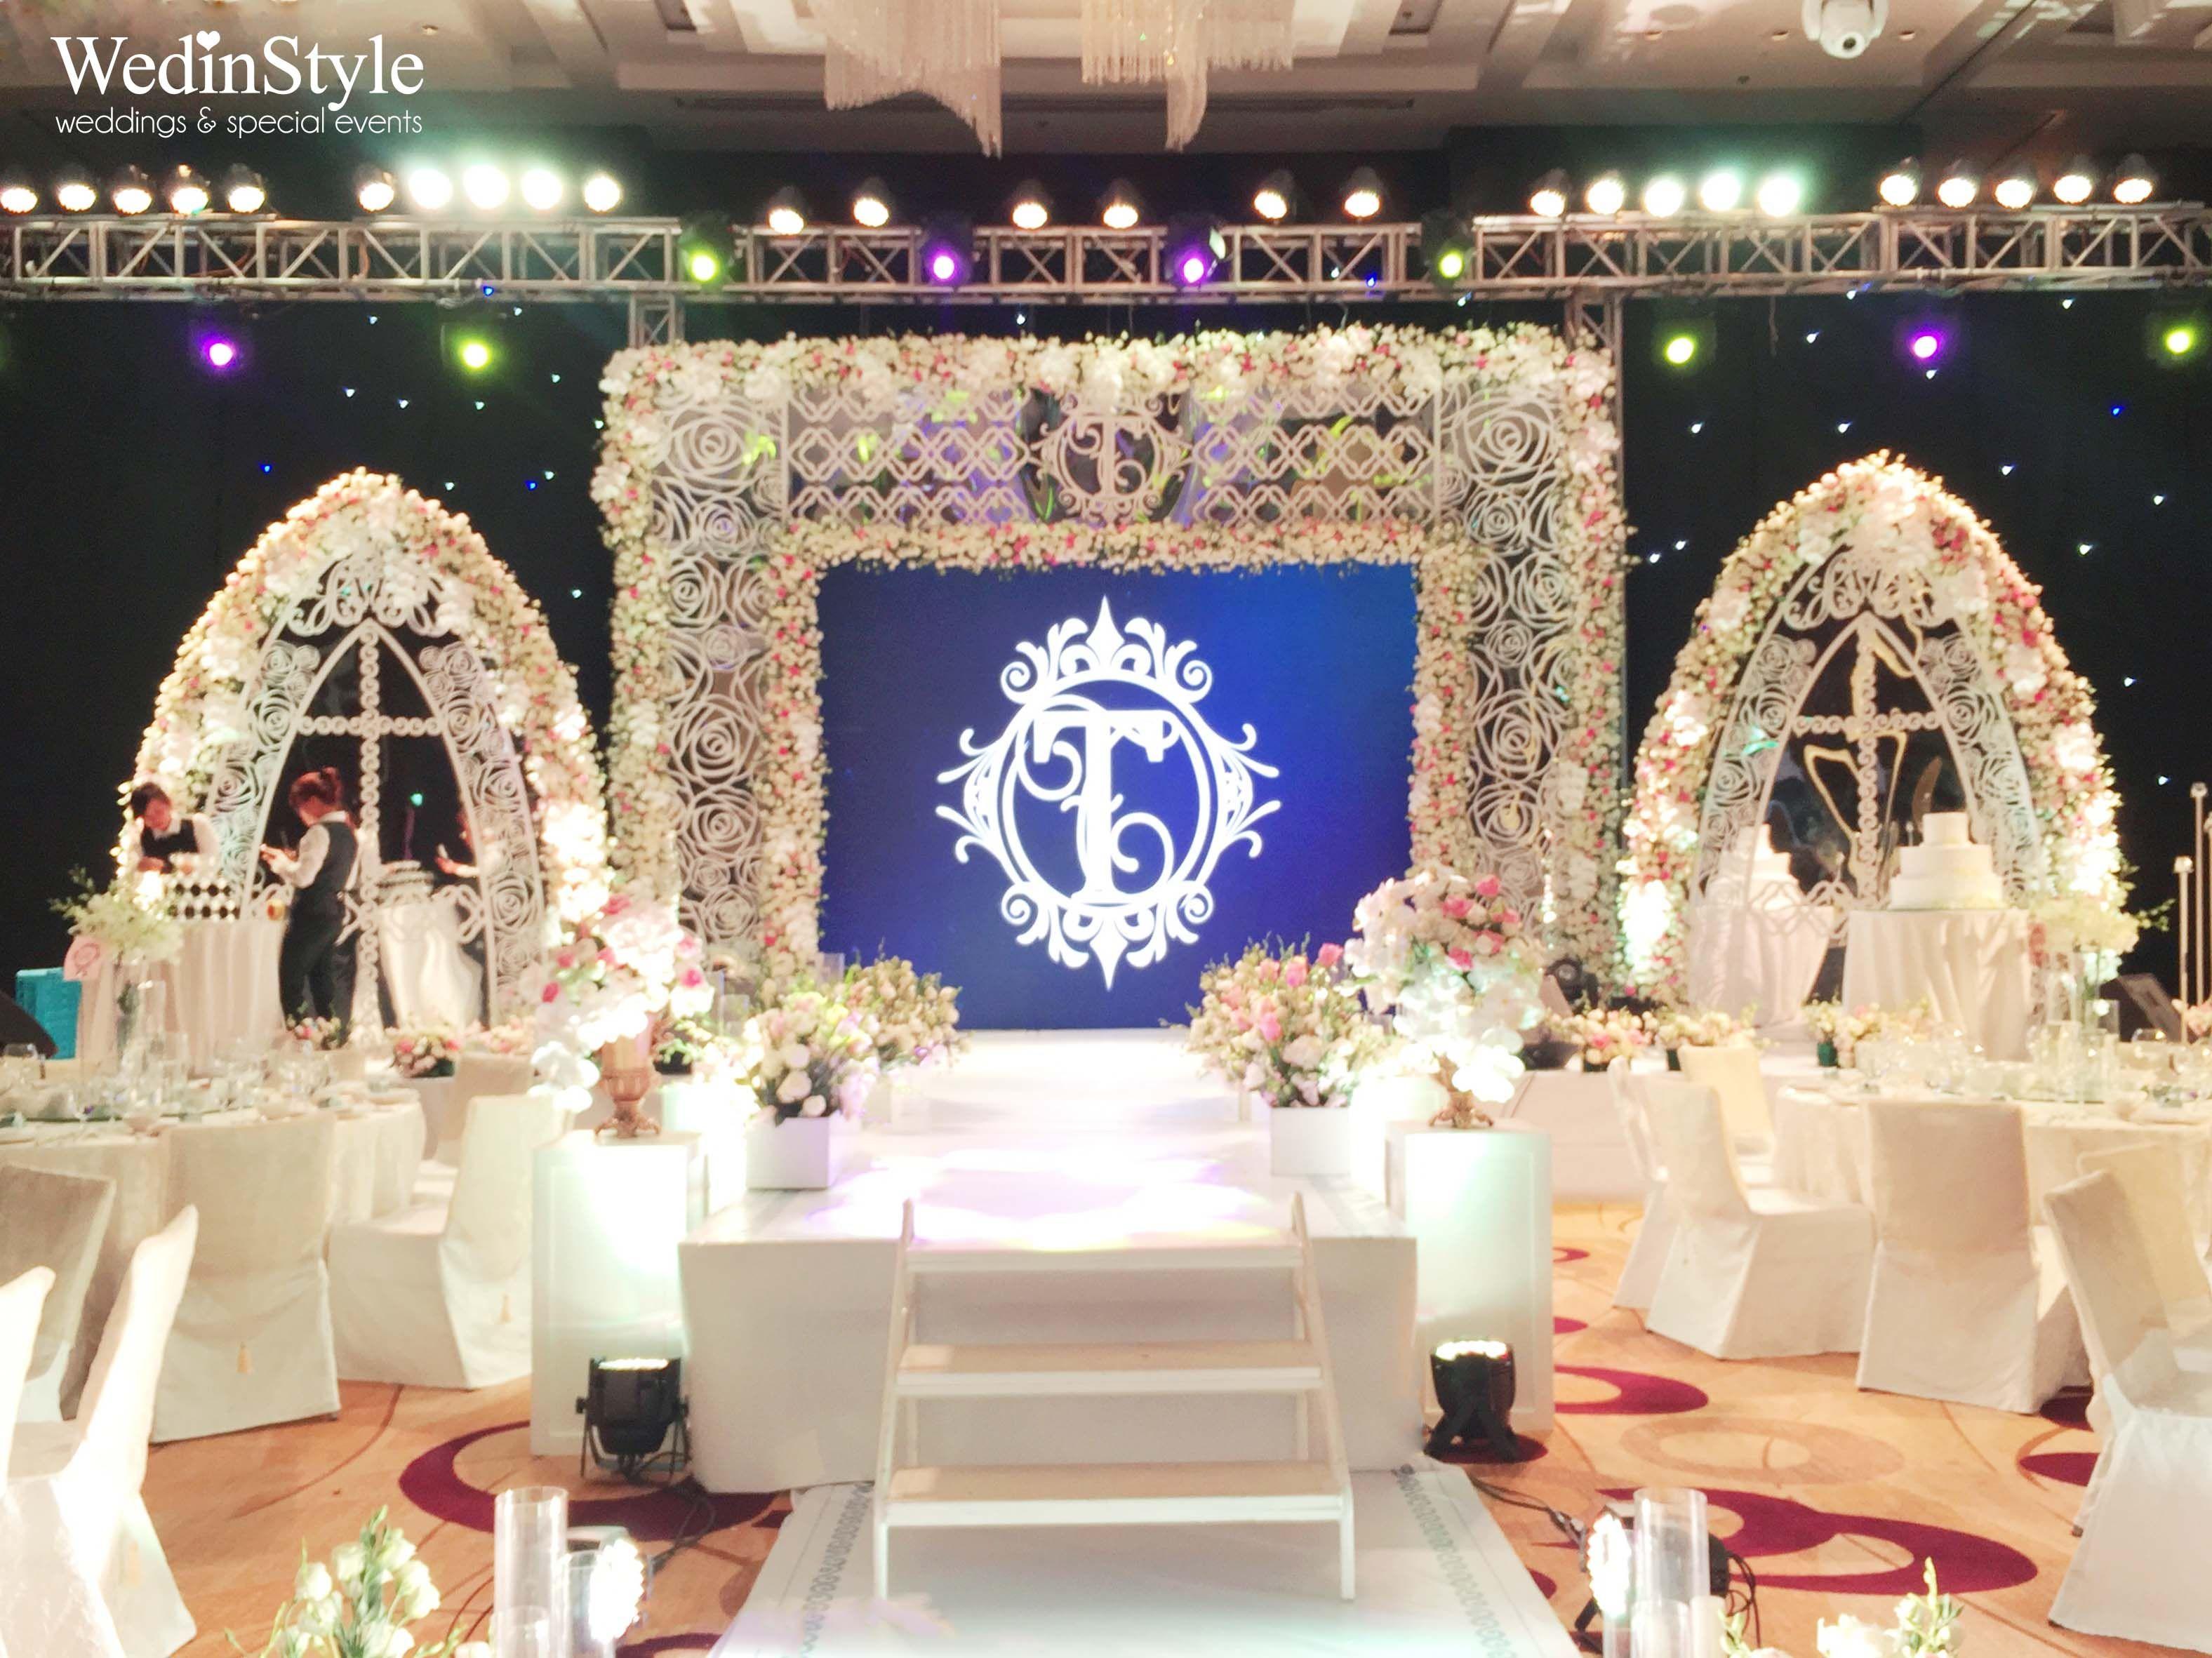 Wedding stage luxury wedding by wedinstyle the stylish wedding wedding stage luxury wedding by wedinstyle the stylish wedding planner of vietnam junglespirit Gallery